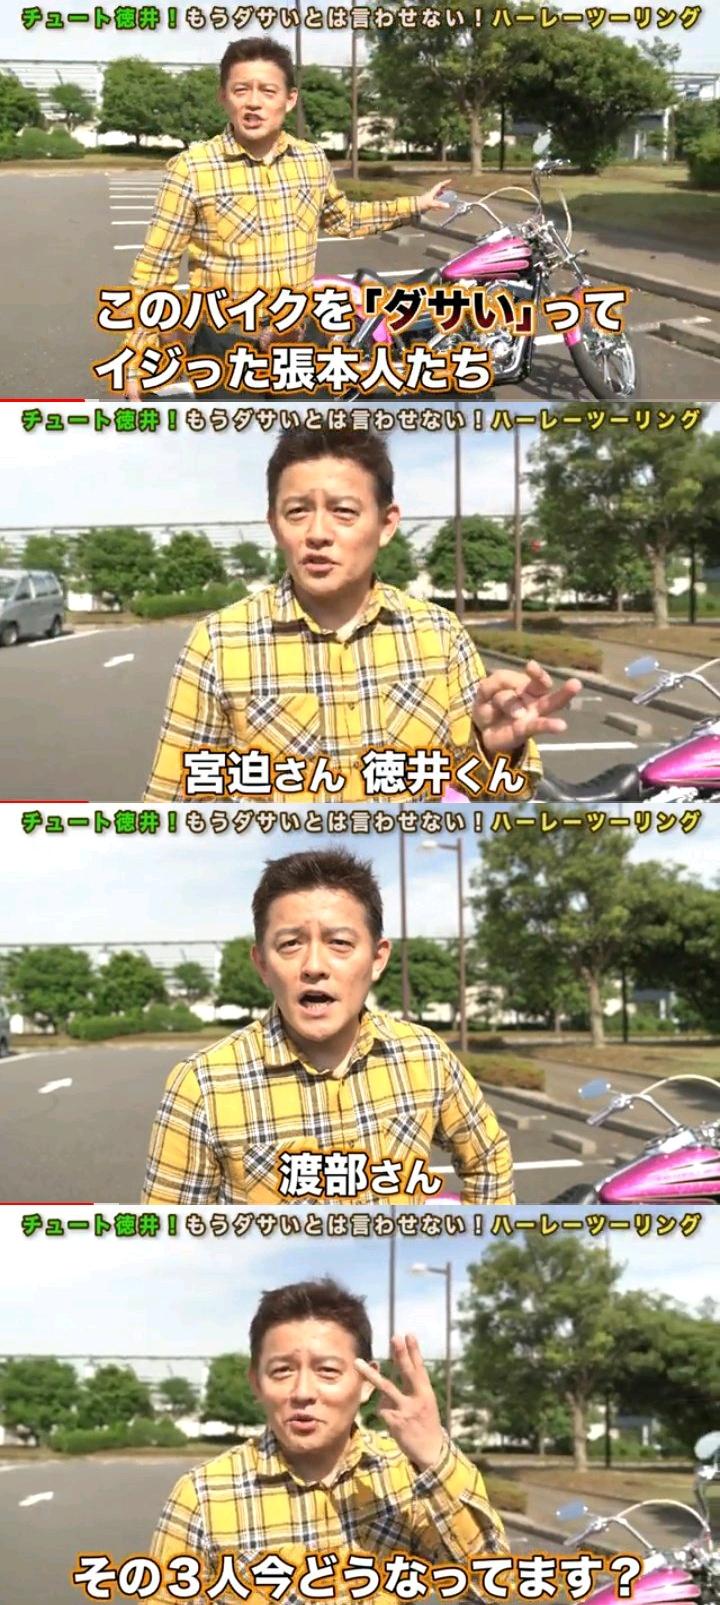 【悲報】スピードワゴン井戸田「俺のバイクをダサイと言った芸人の末路w」